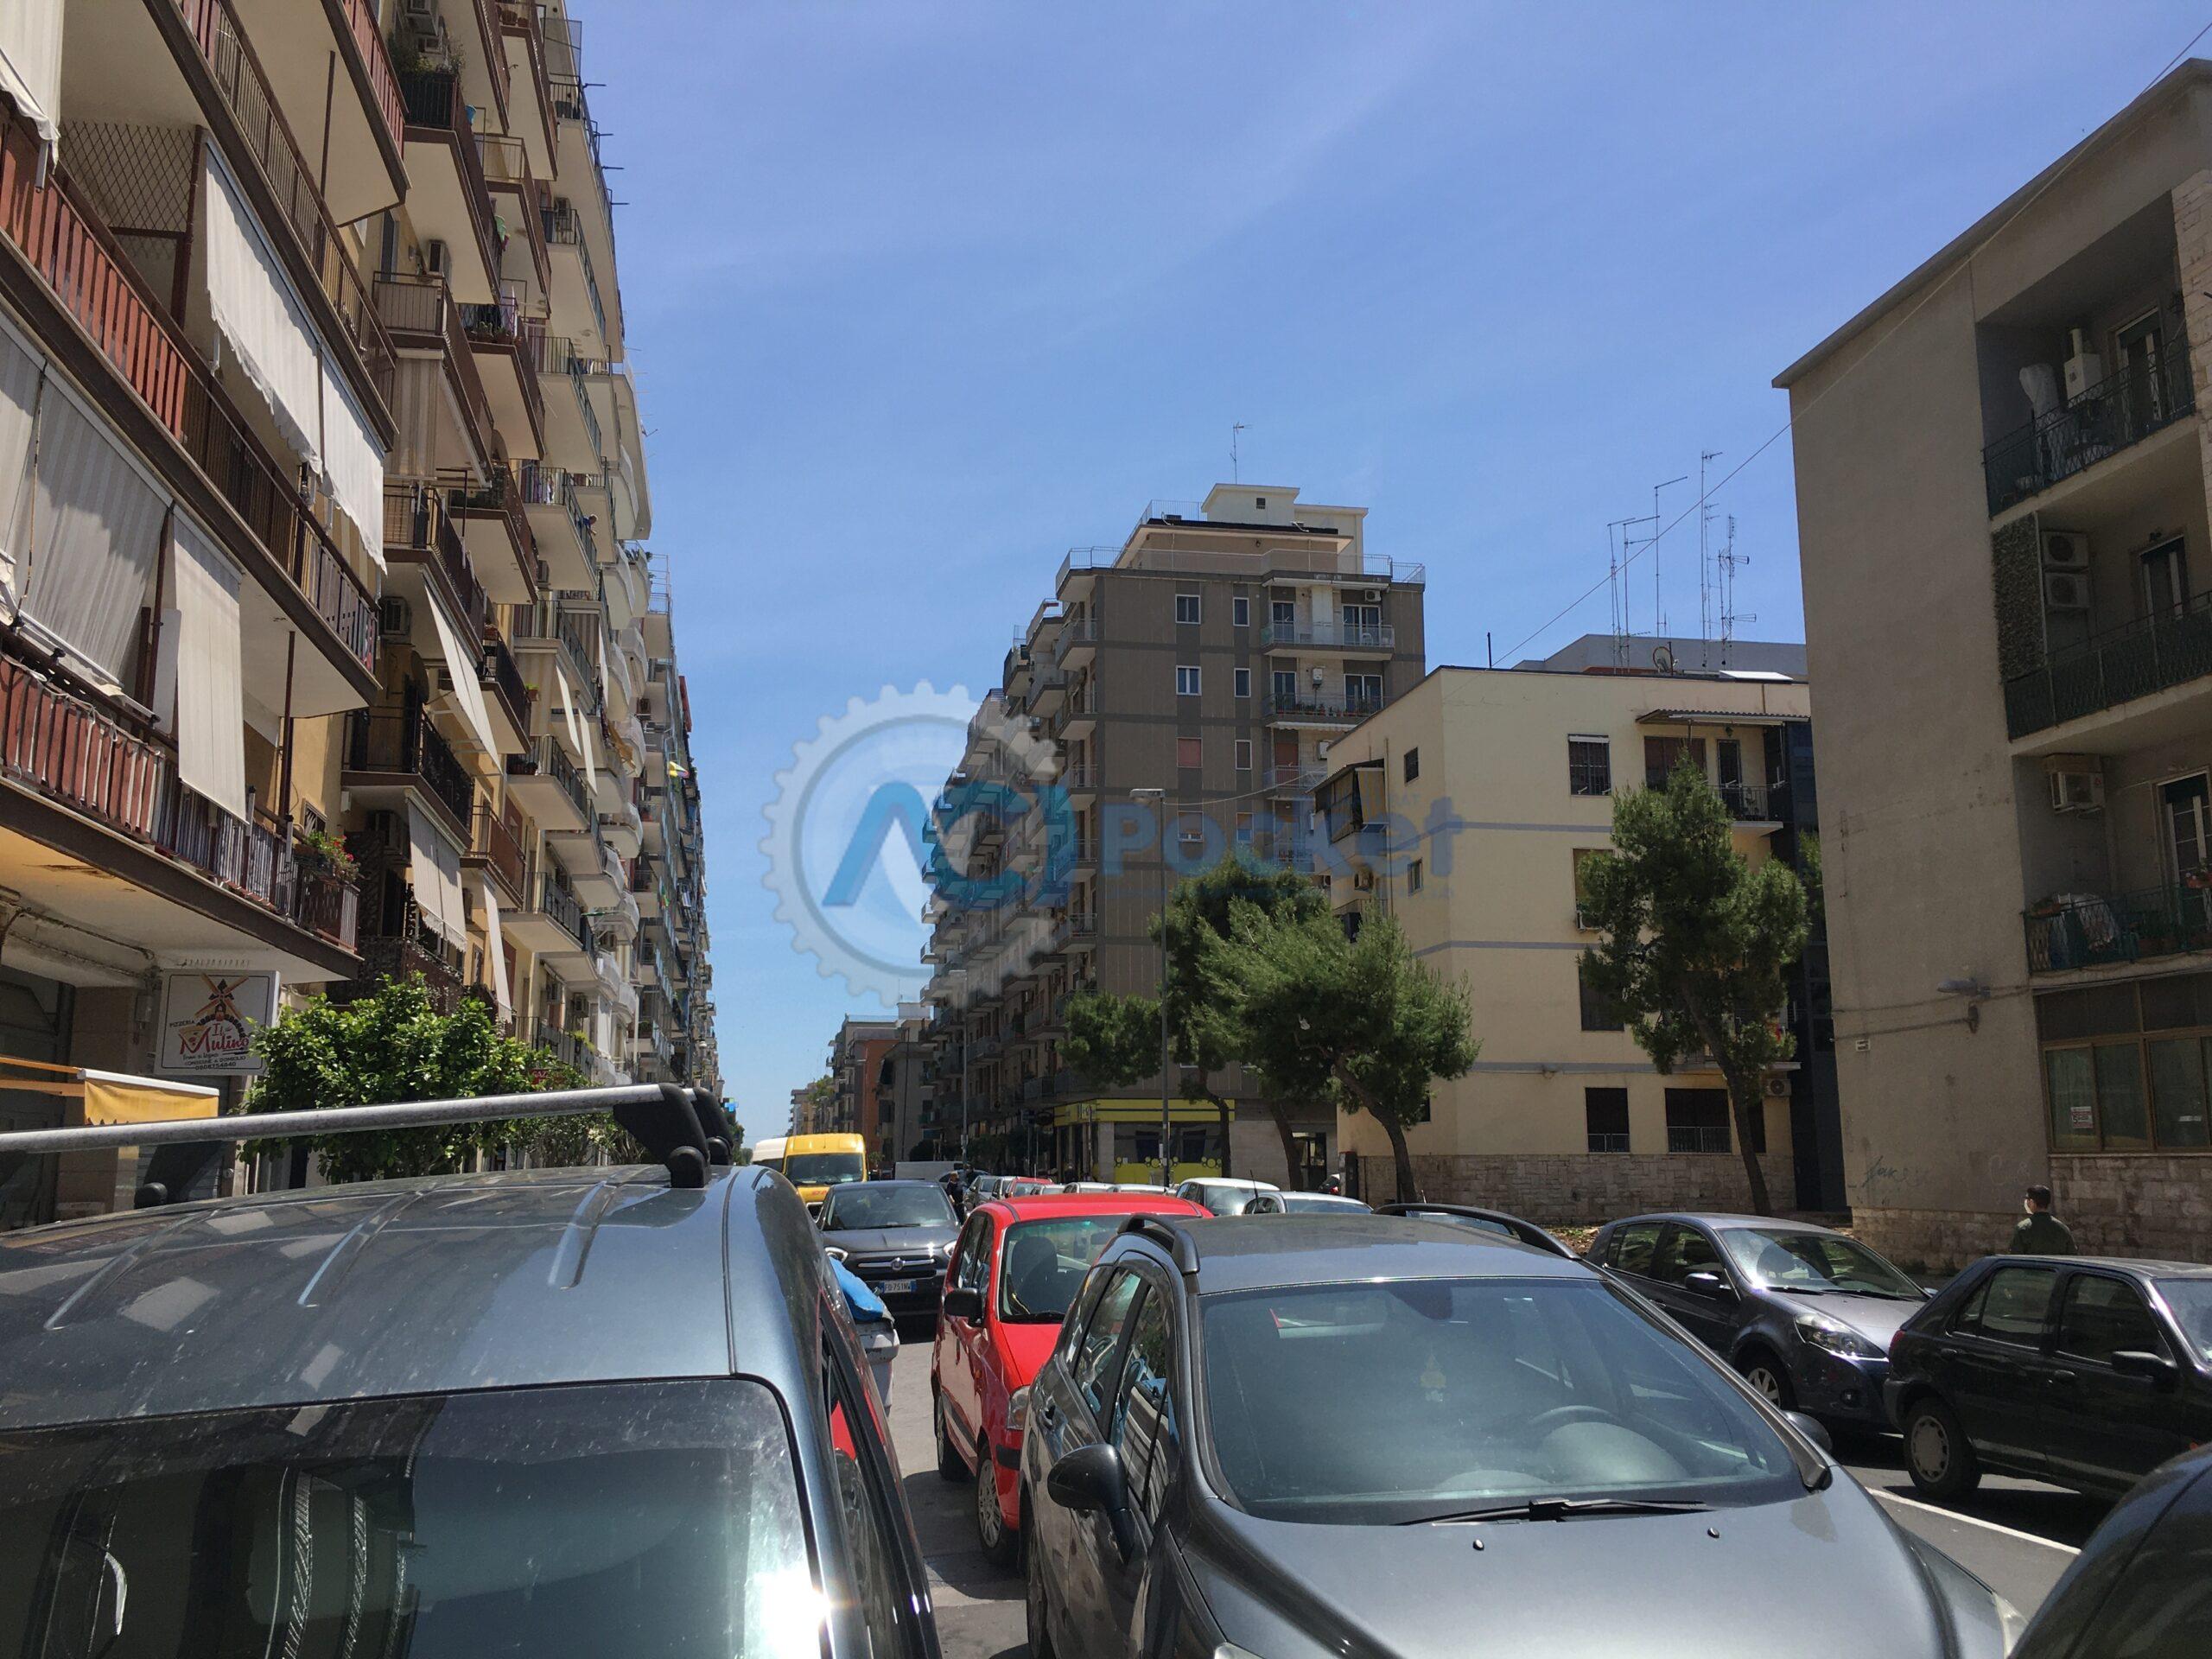 Inquinamento: in Italia i veicoli su gomma responsabili del 92,6% dello smog da trasporti